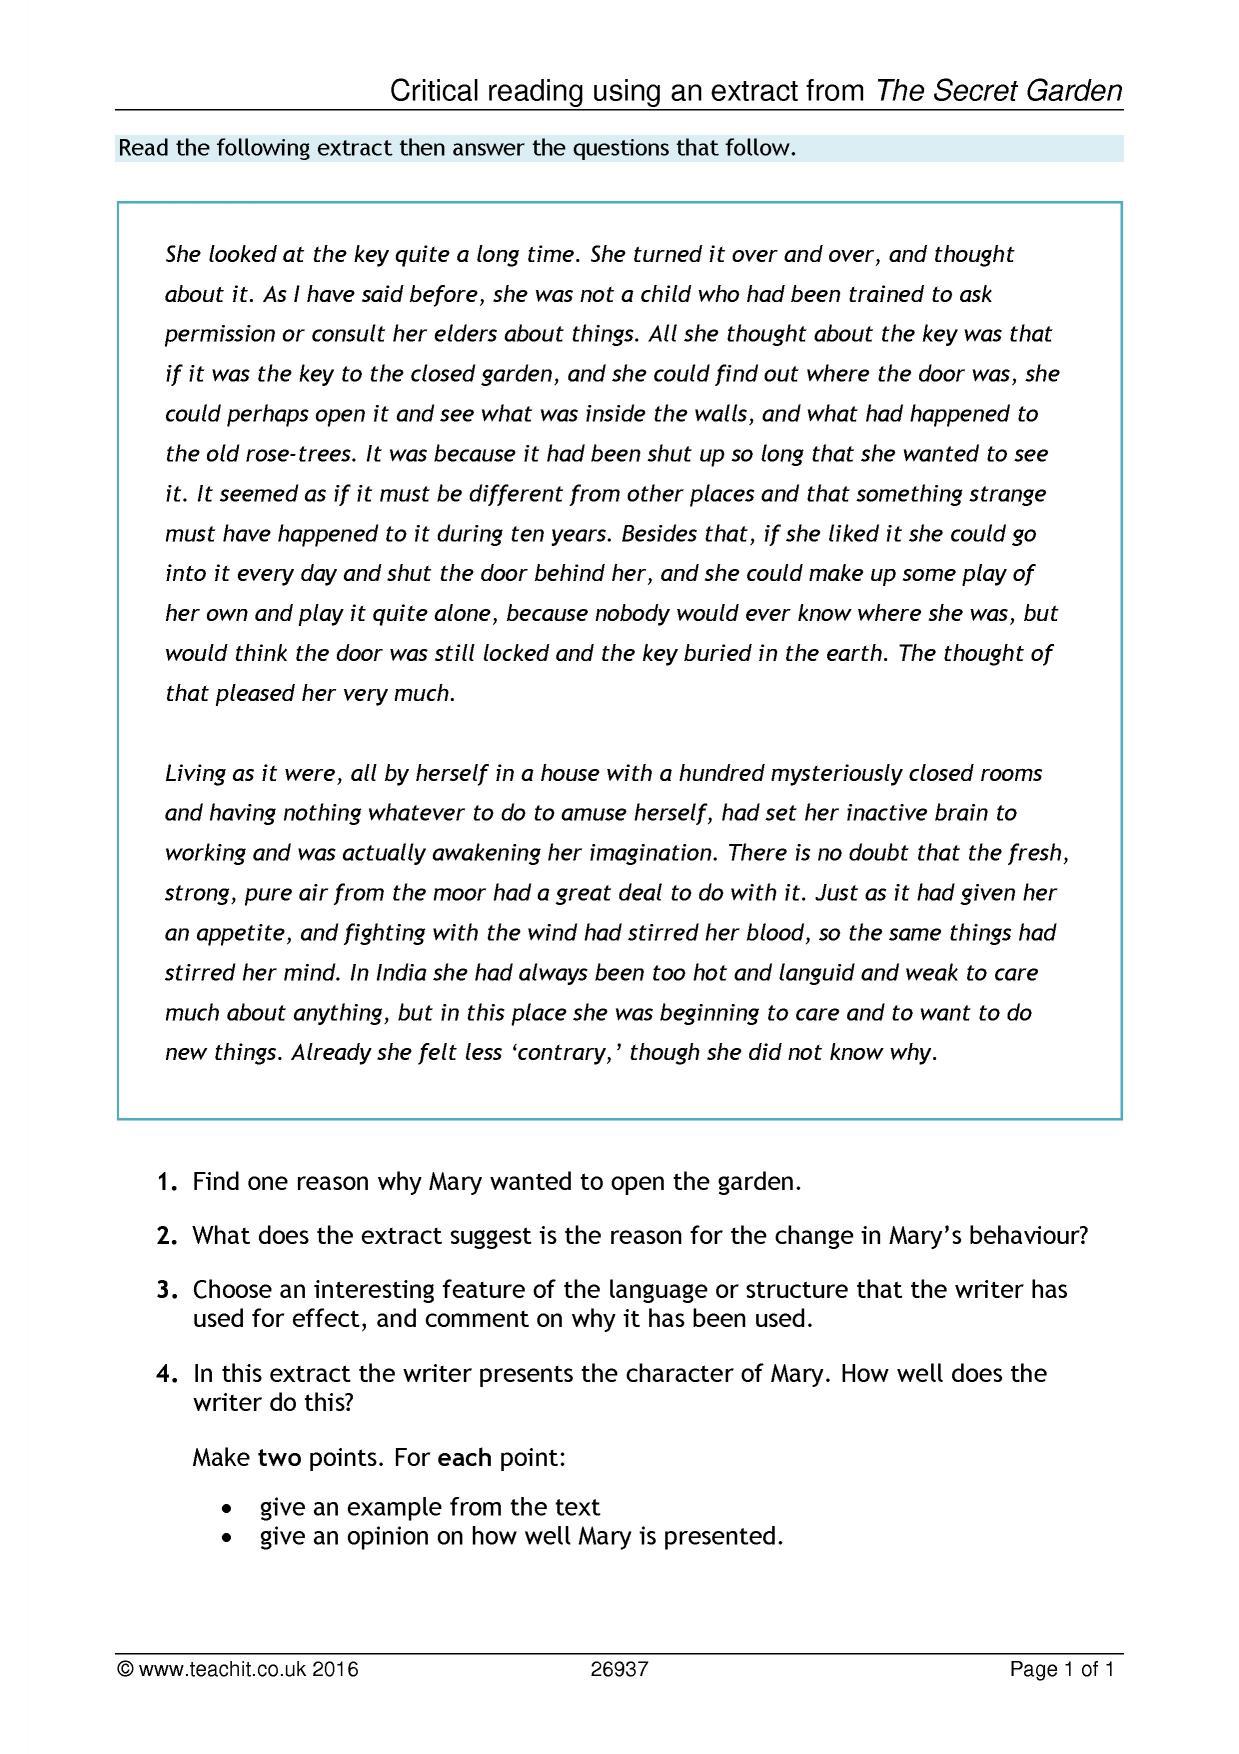 stone cold critical essay